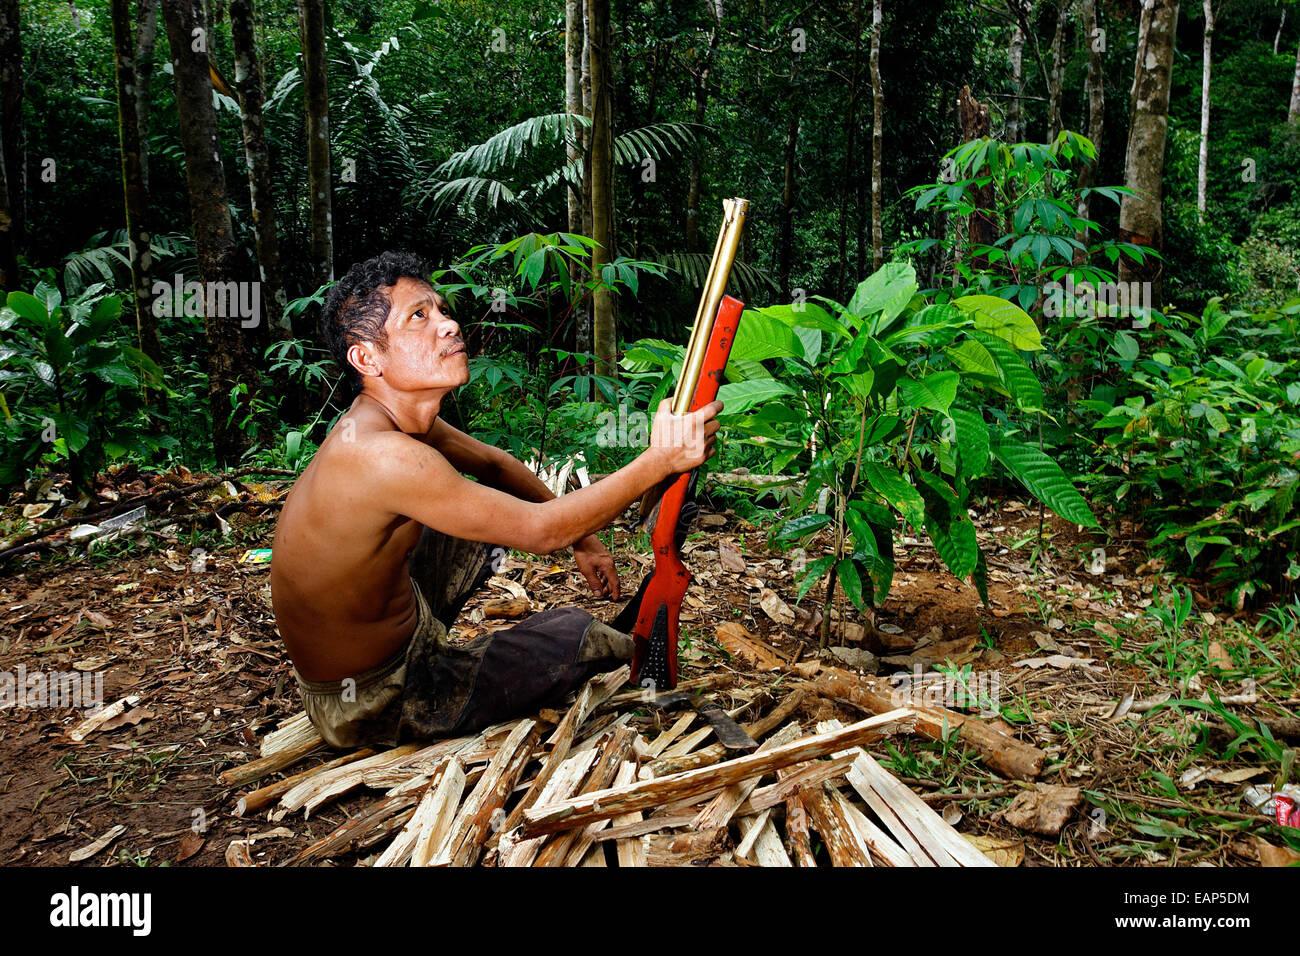 Ein Mann Ruht Im Tropischen Regenwald Mit Einem Luftgewehr In Der